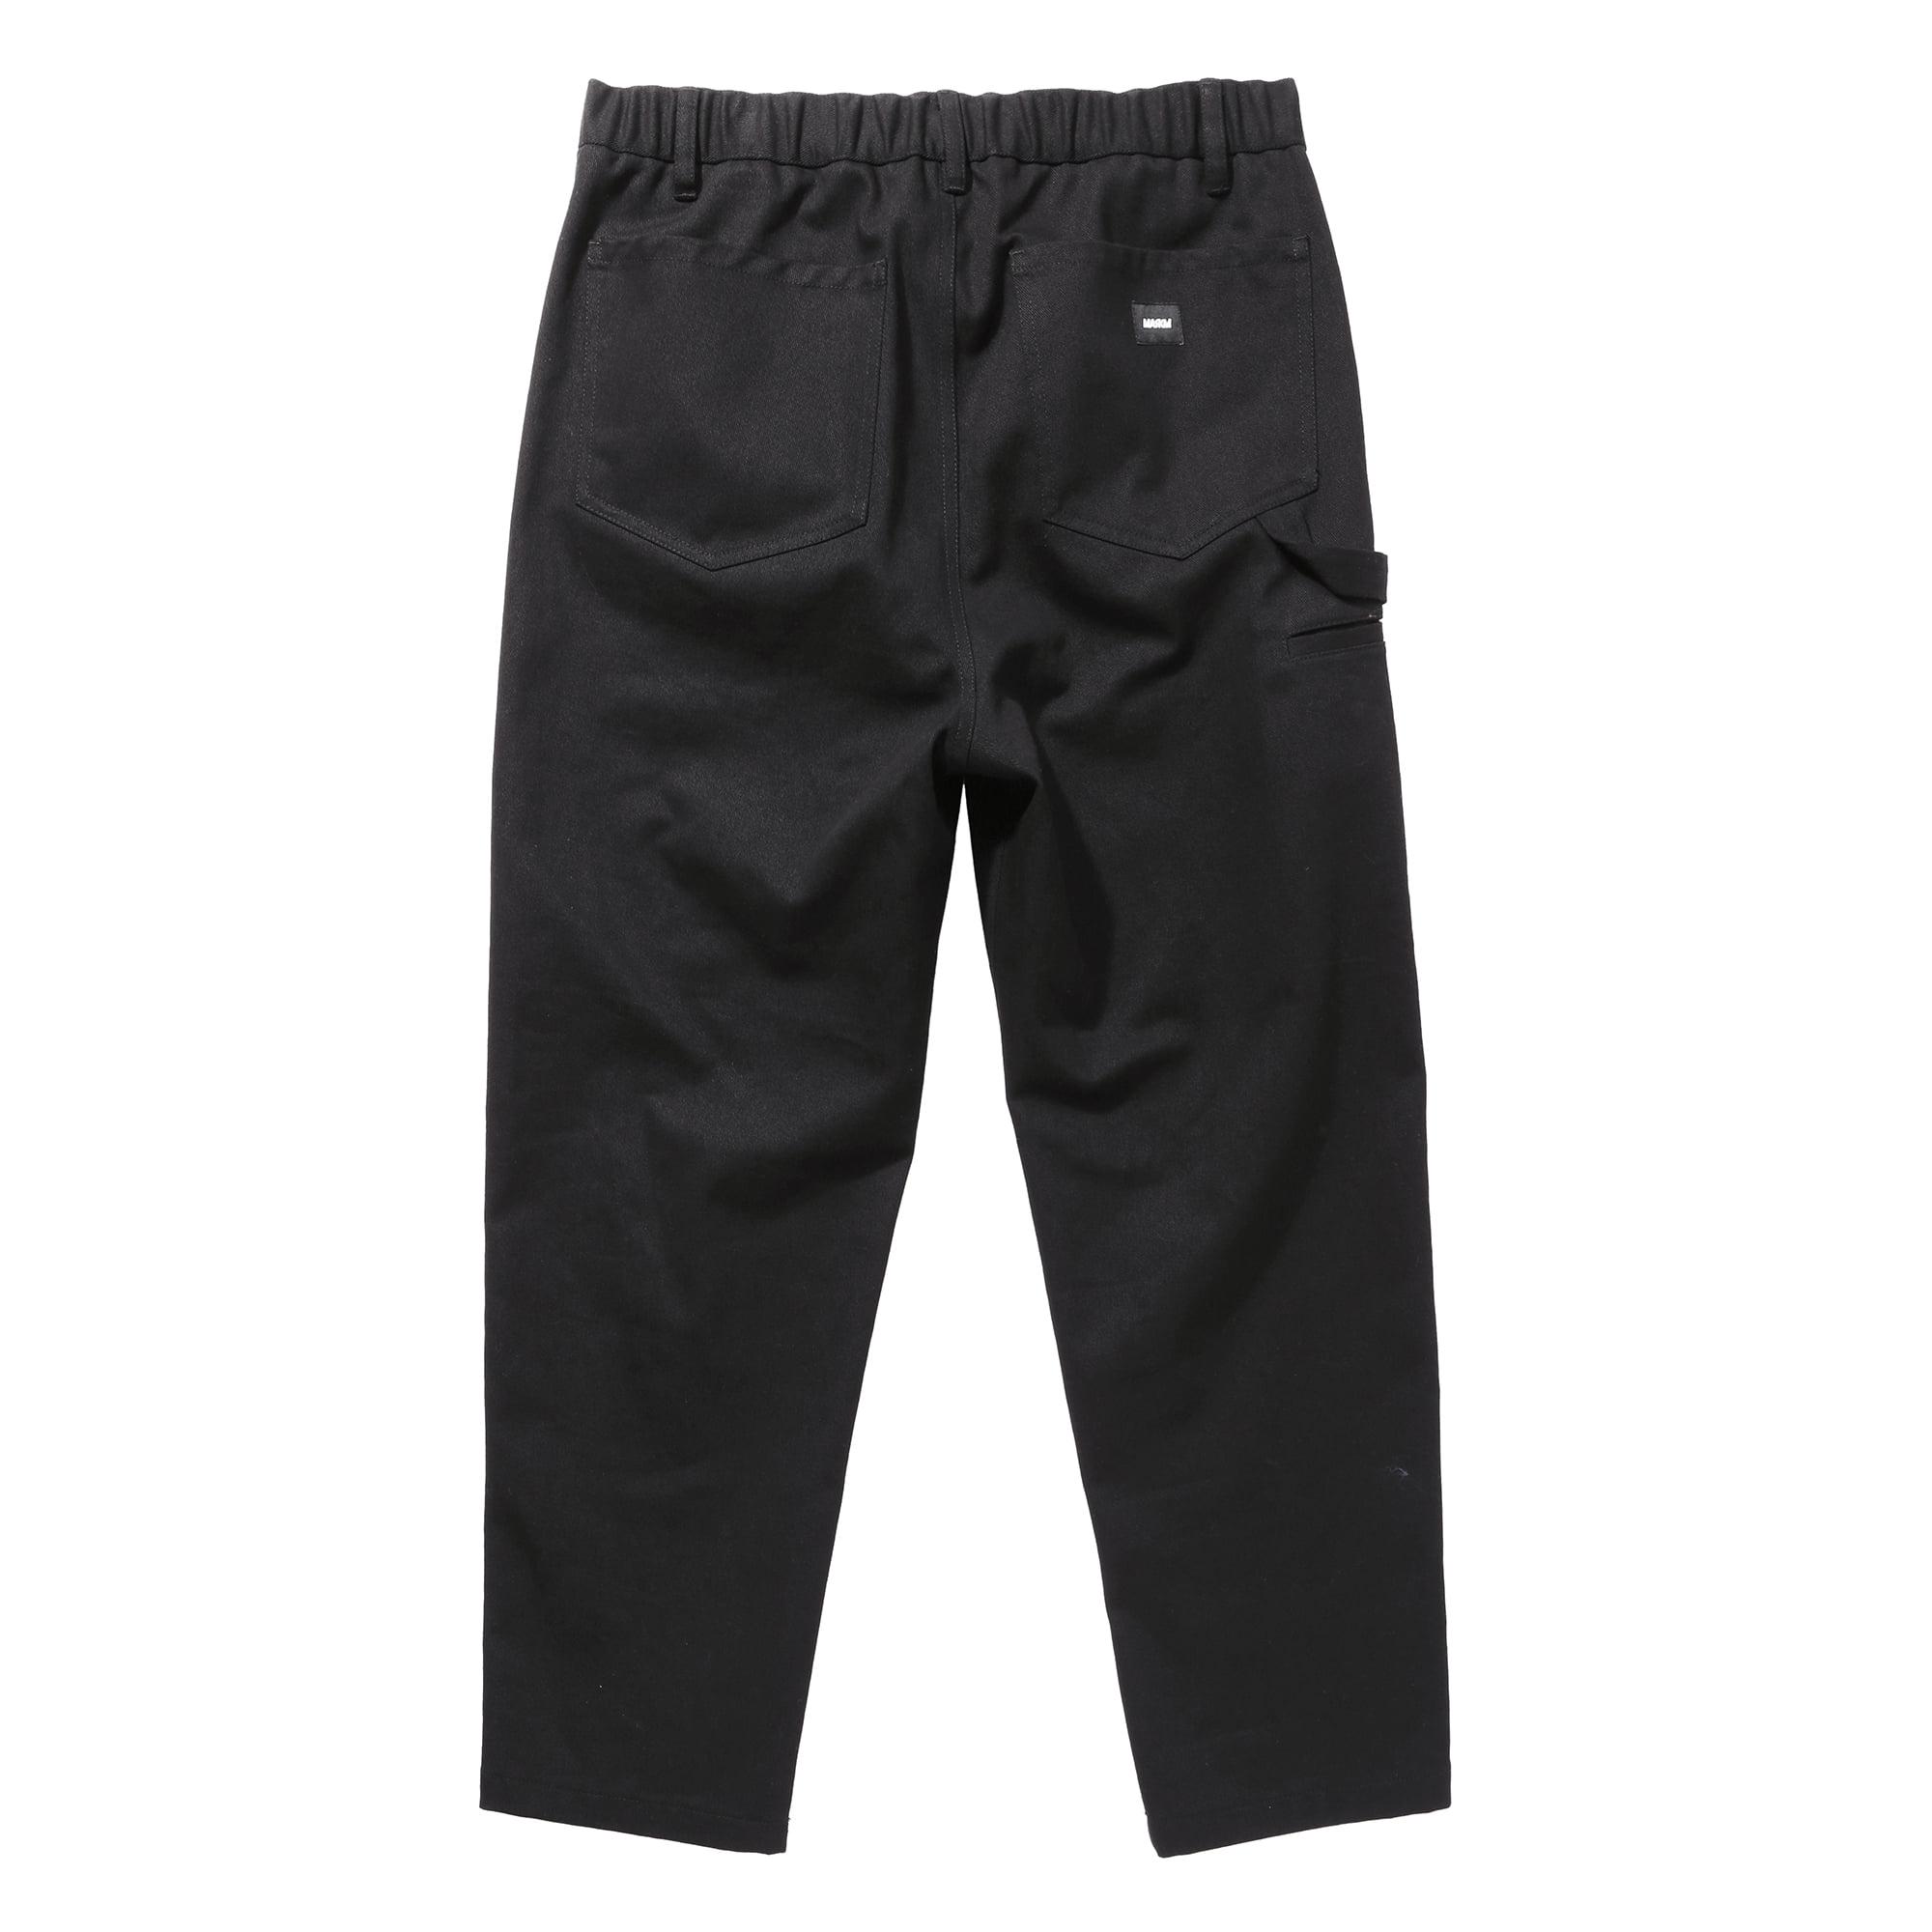 Cotton Pants BK